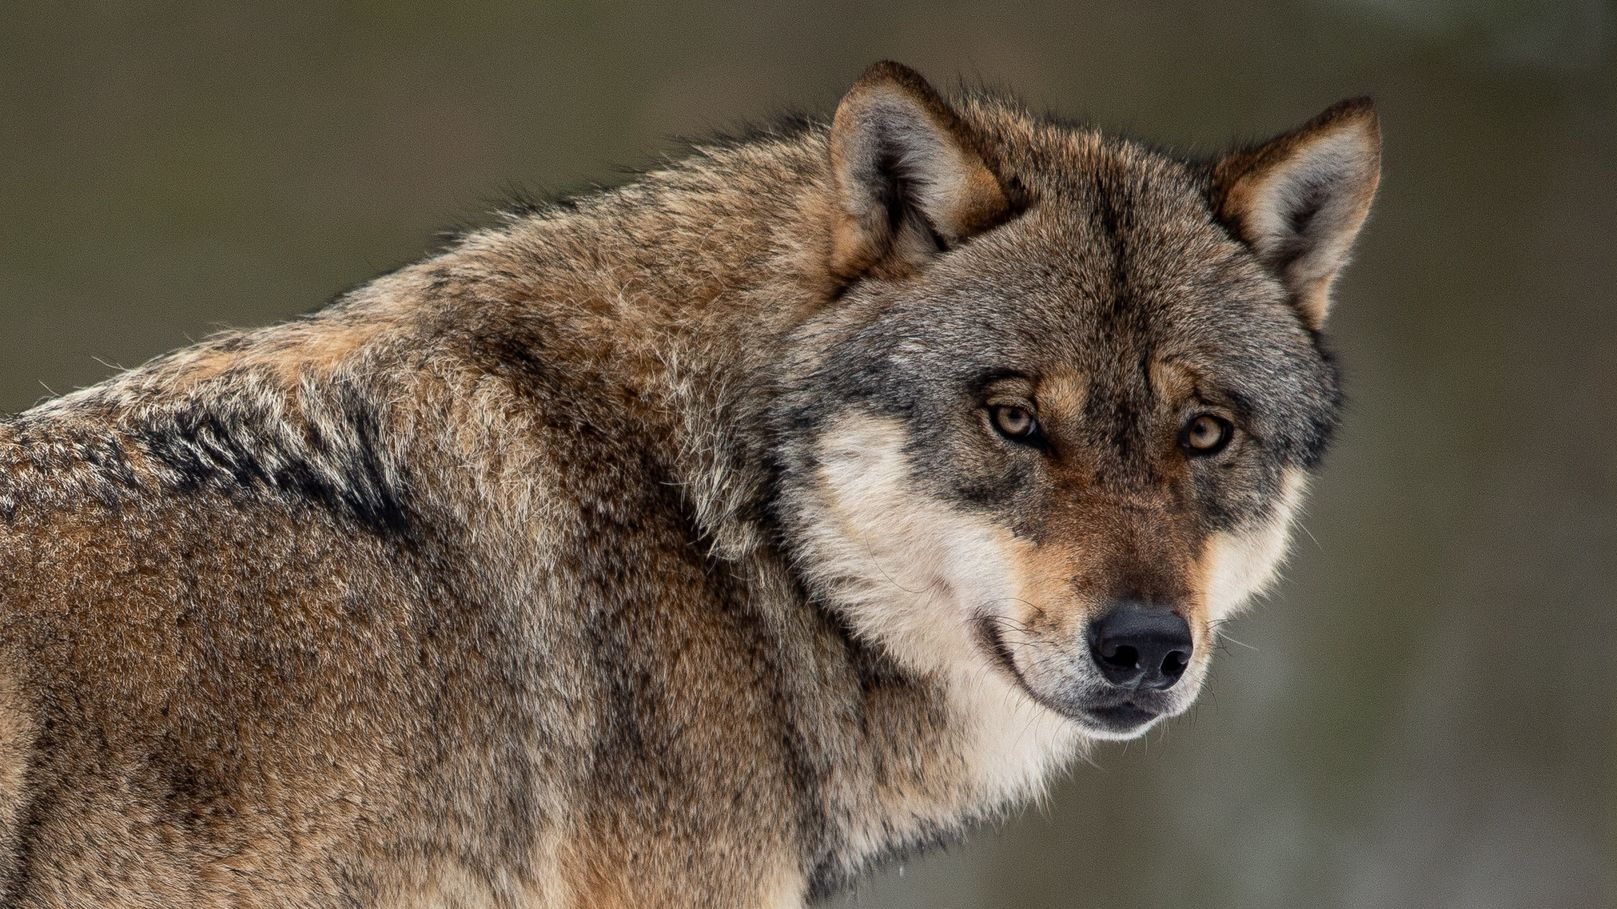 Ein Wolf (Canis lupus) steht in einem Gehege im Wildpark Neuhaus in Niedersachsen